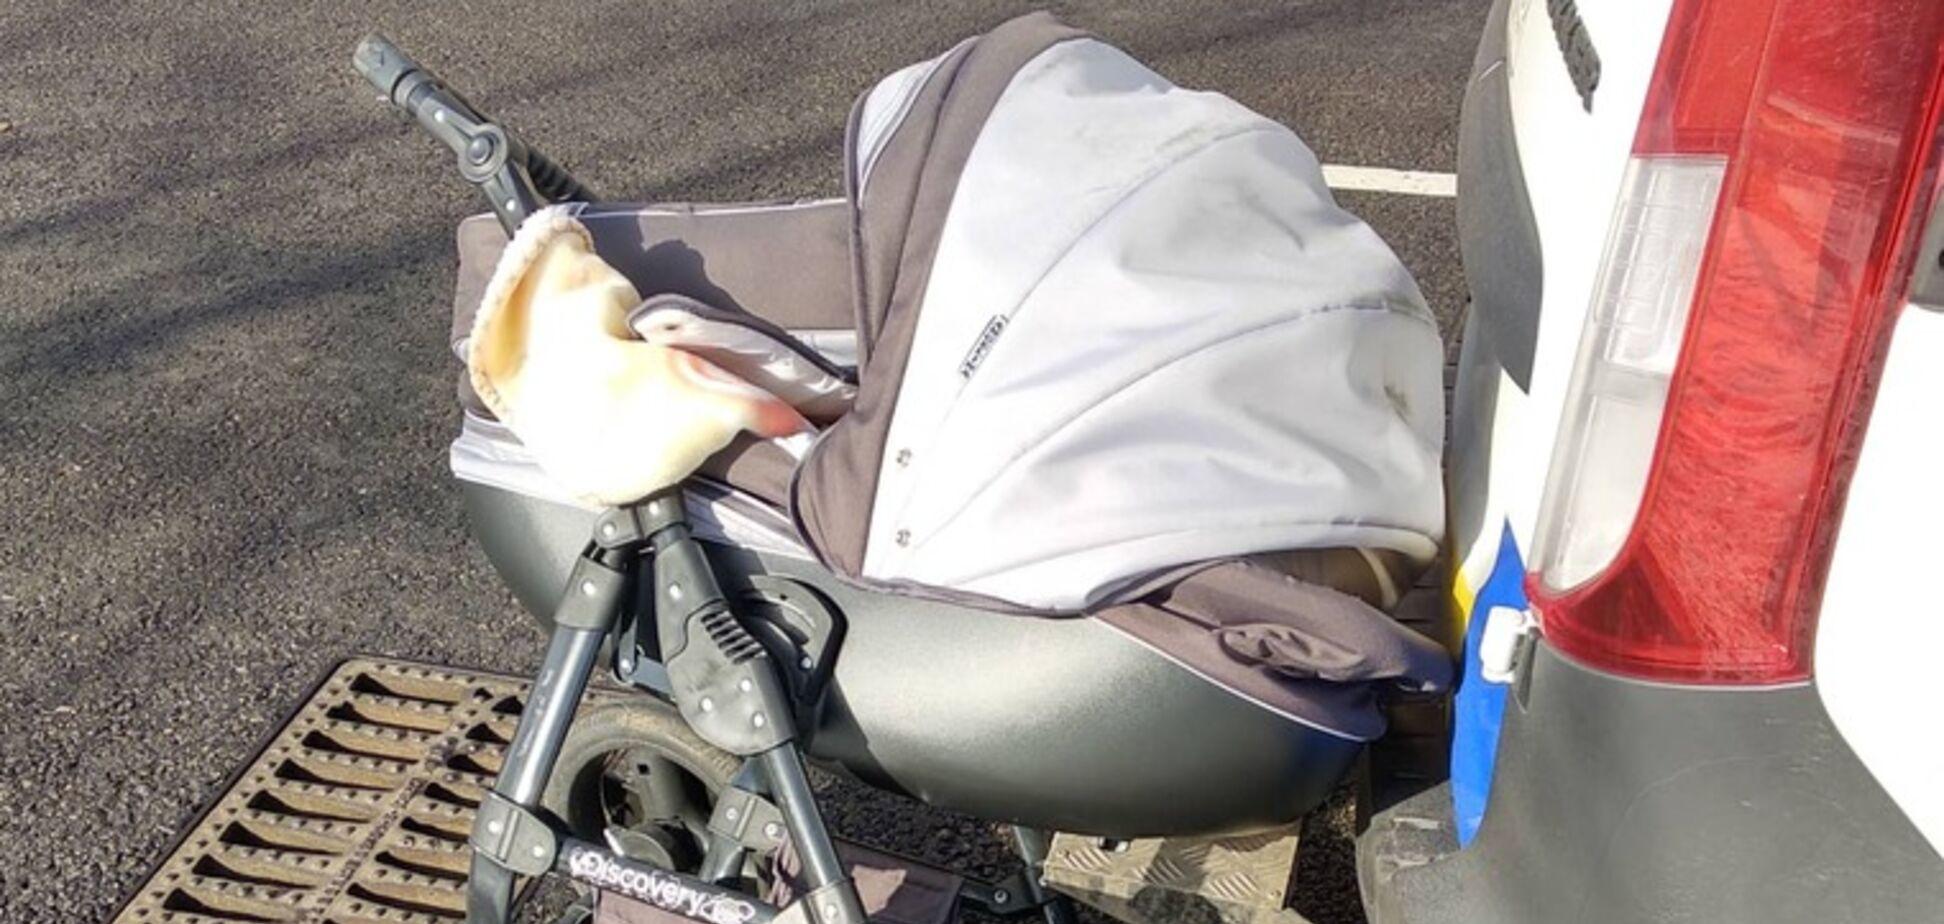 Під Запоріжжям водій збив візок із дитиною на 'зебрі': моторошне відео 18+